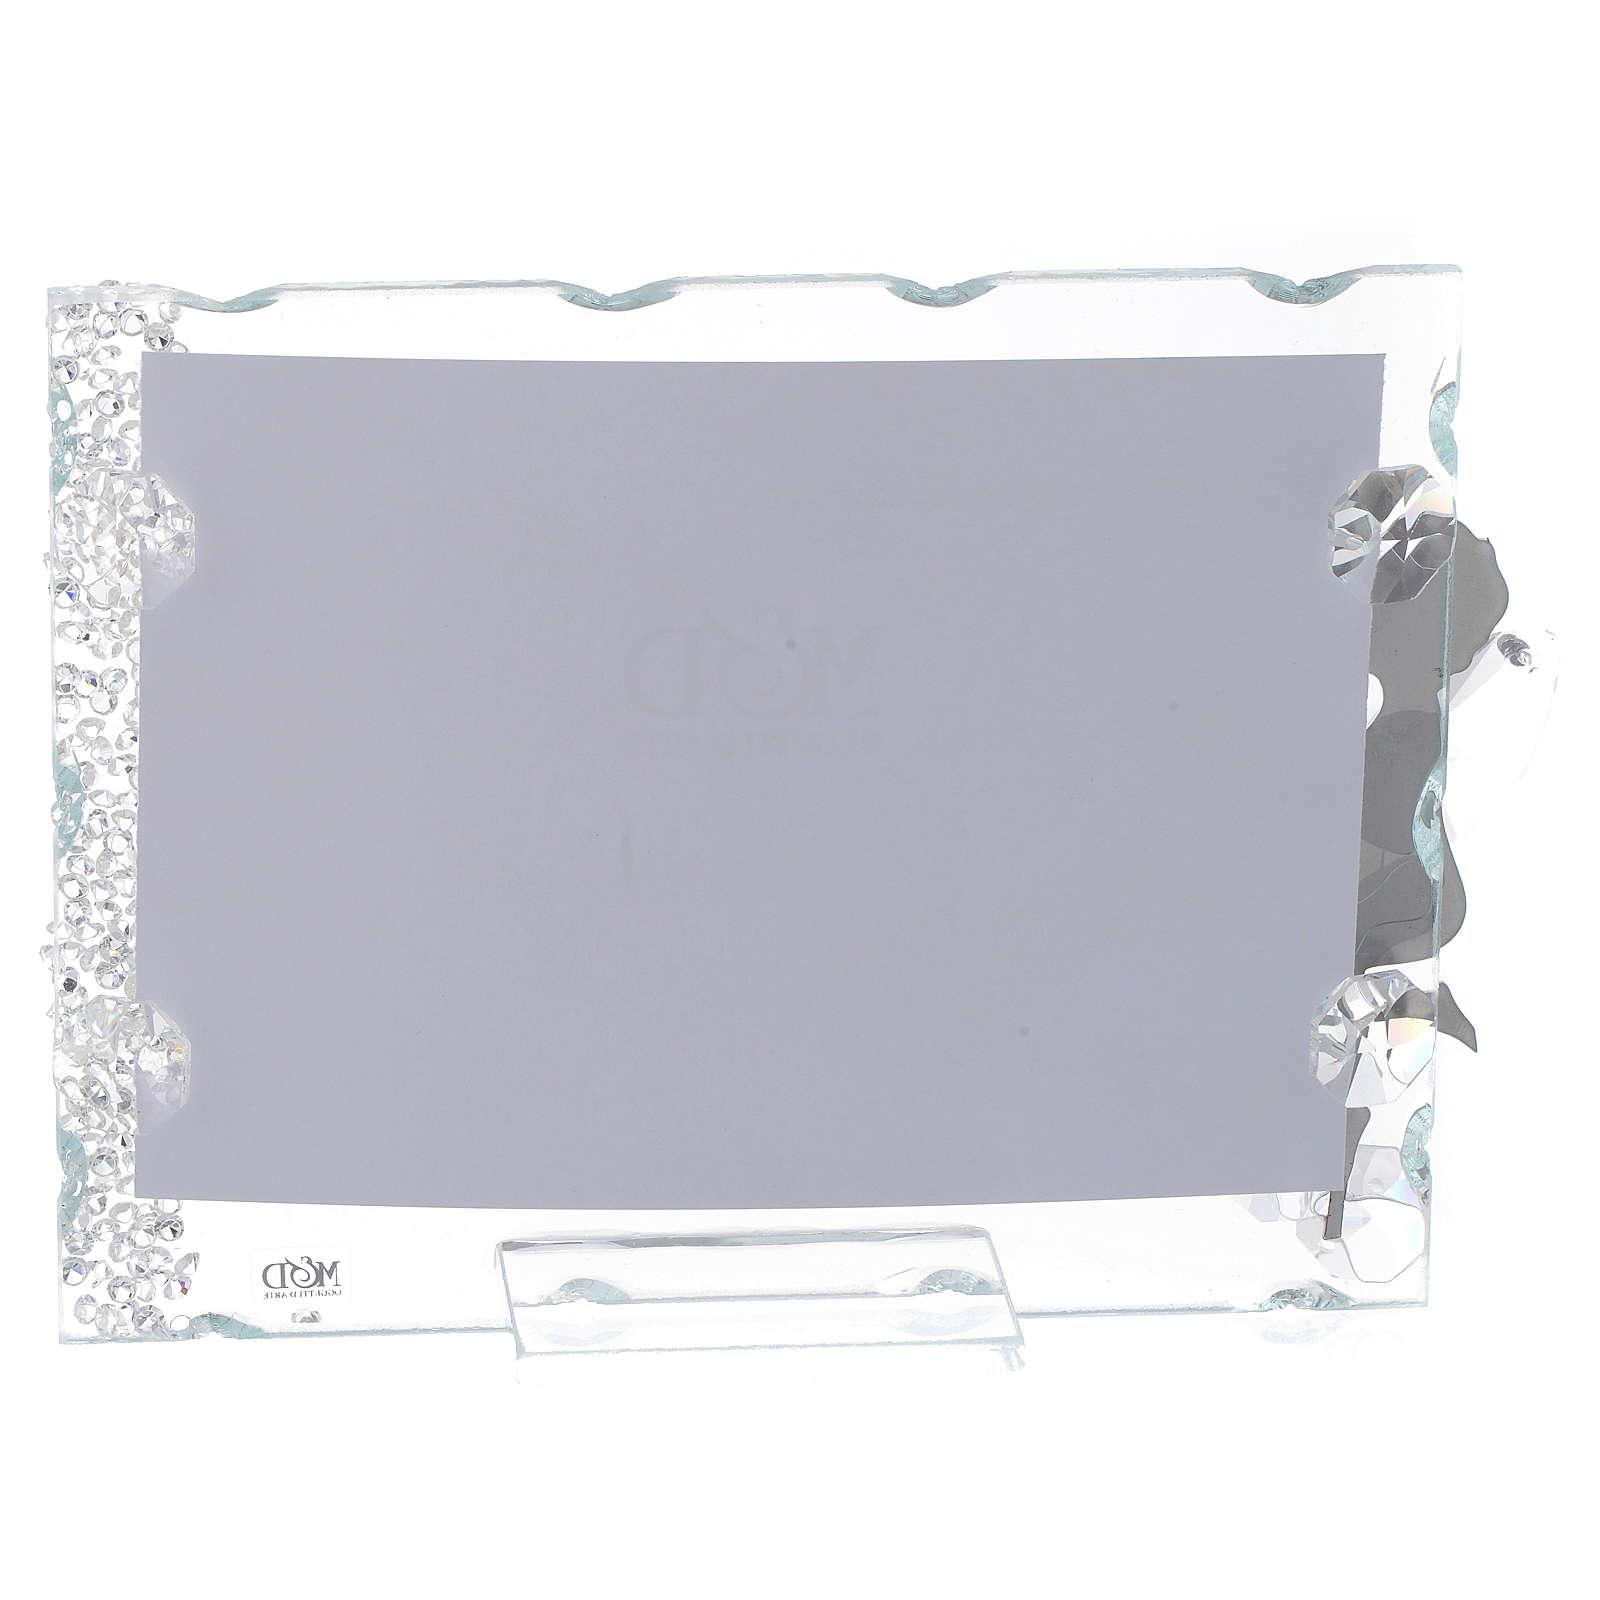 Bomboniera Portafoto Angelo inox cuore 9x12 con cristalli 3